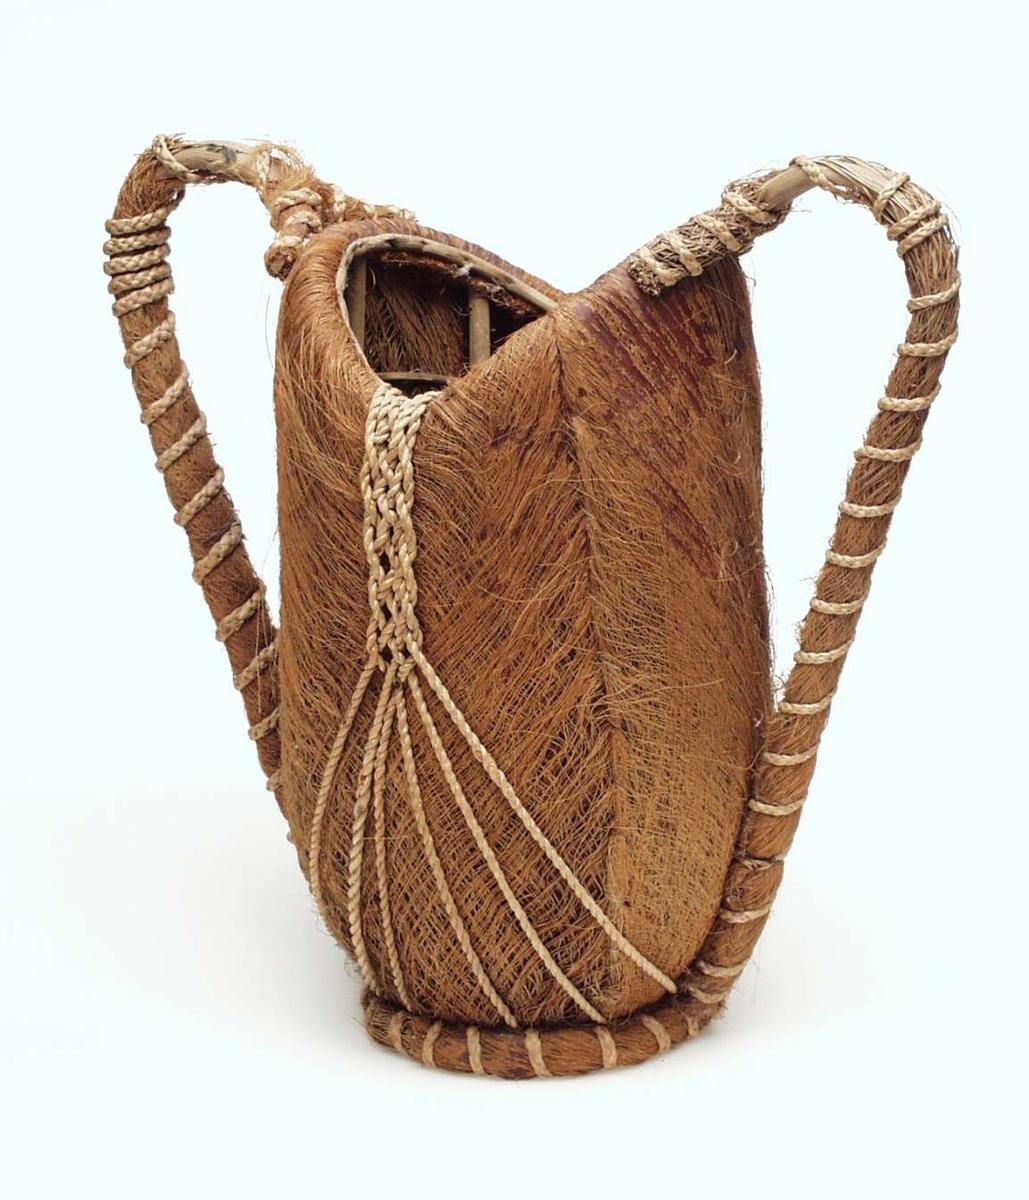 Kurv i kokosbast med urnefasong. Den har to hanker, neverbunn, rundt fotstykke, bastflettning om hank og fotstykke.